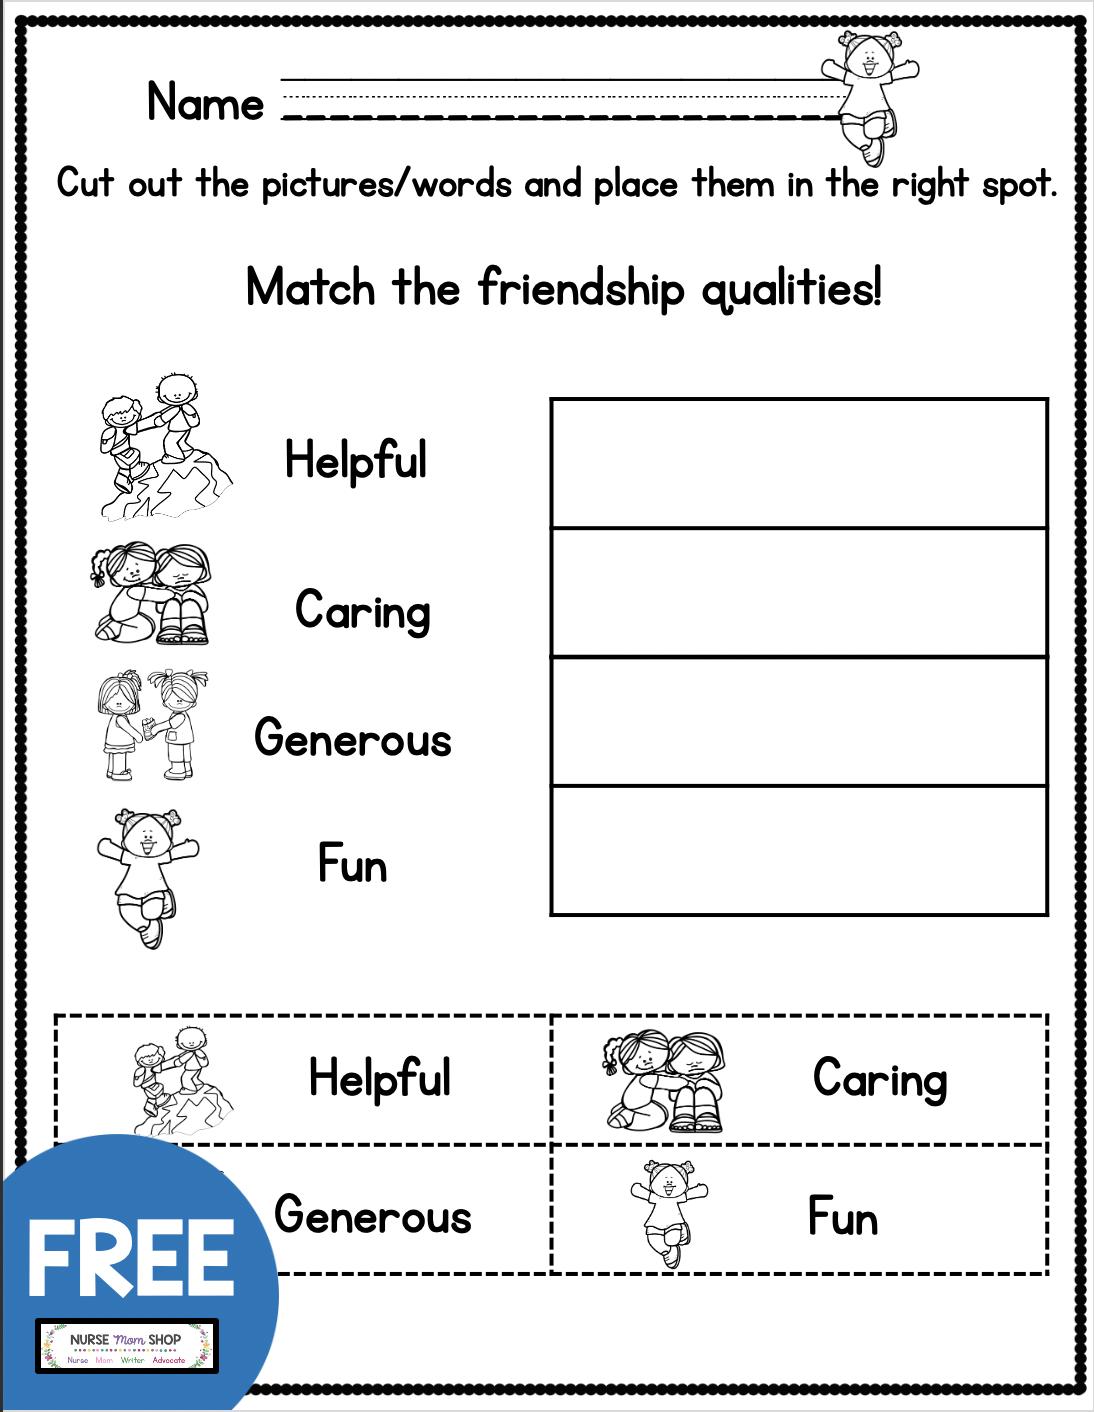 Free Friendship Worksheets For Kindergarten